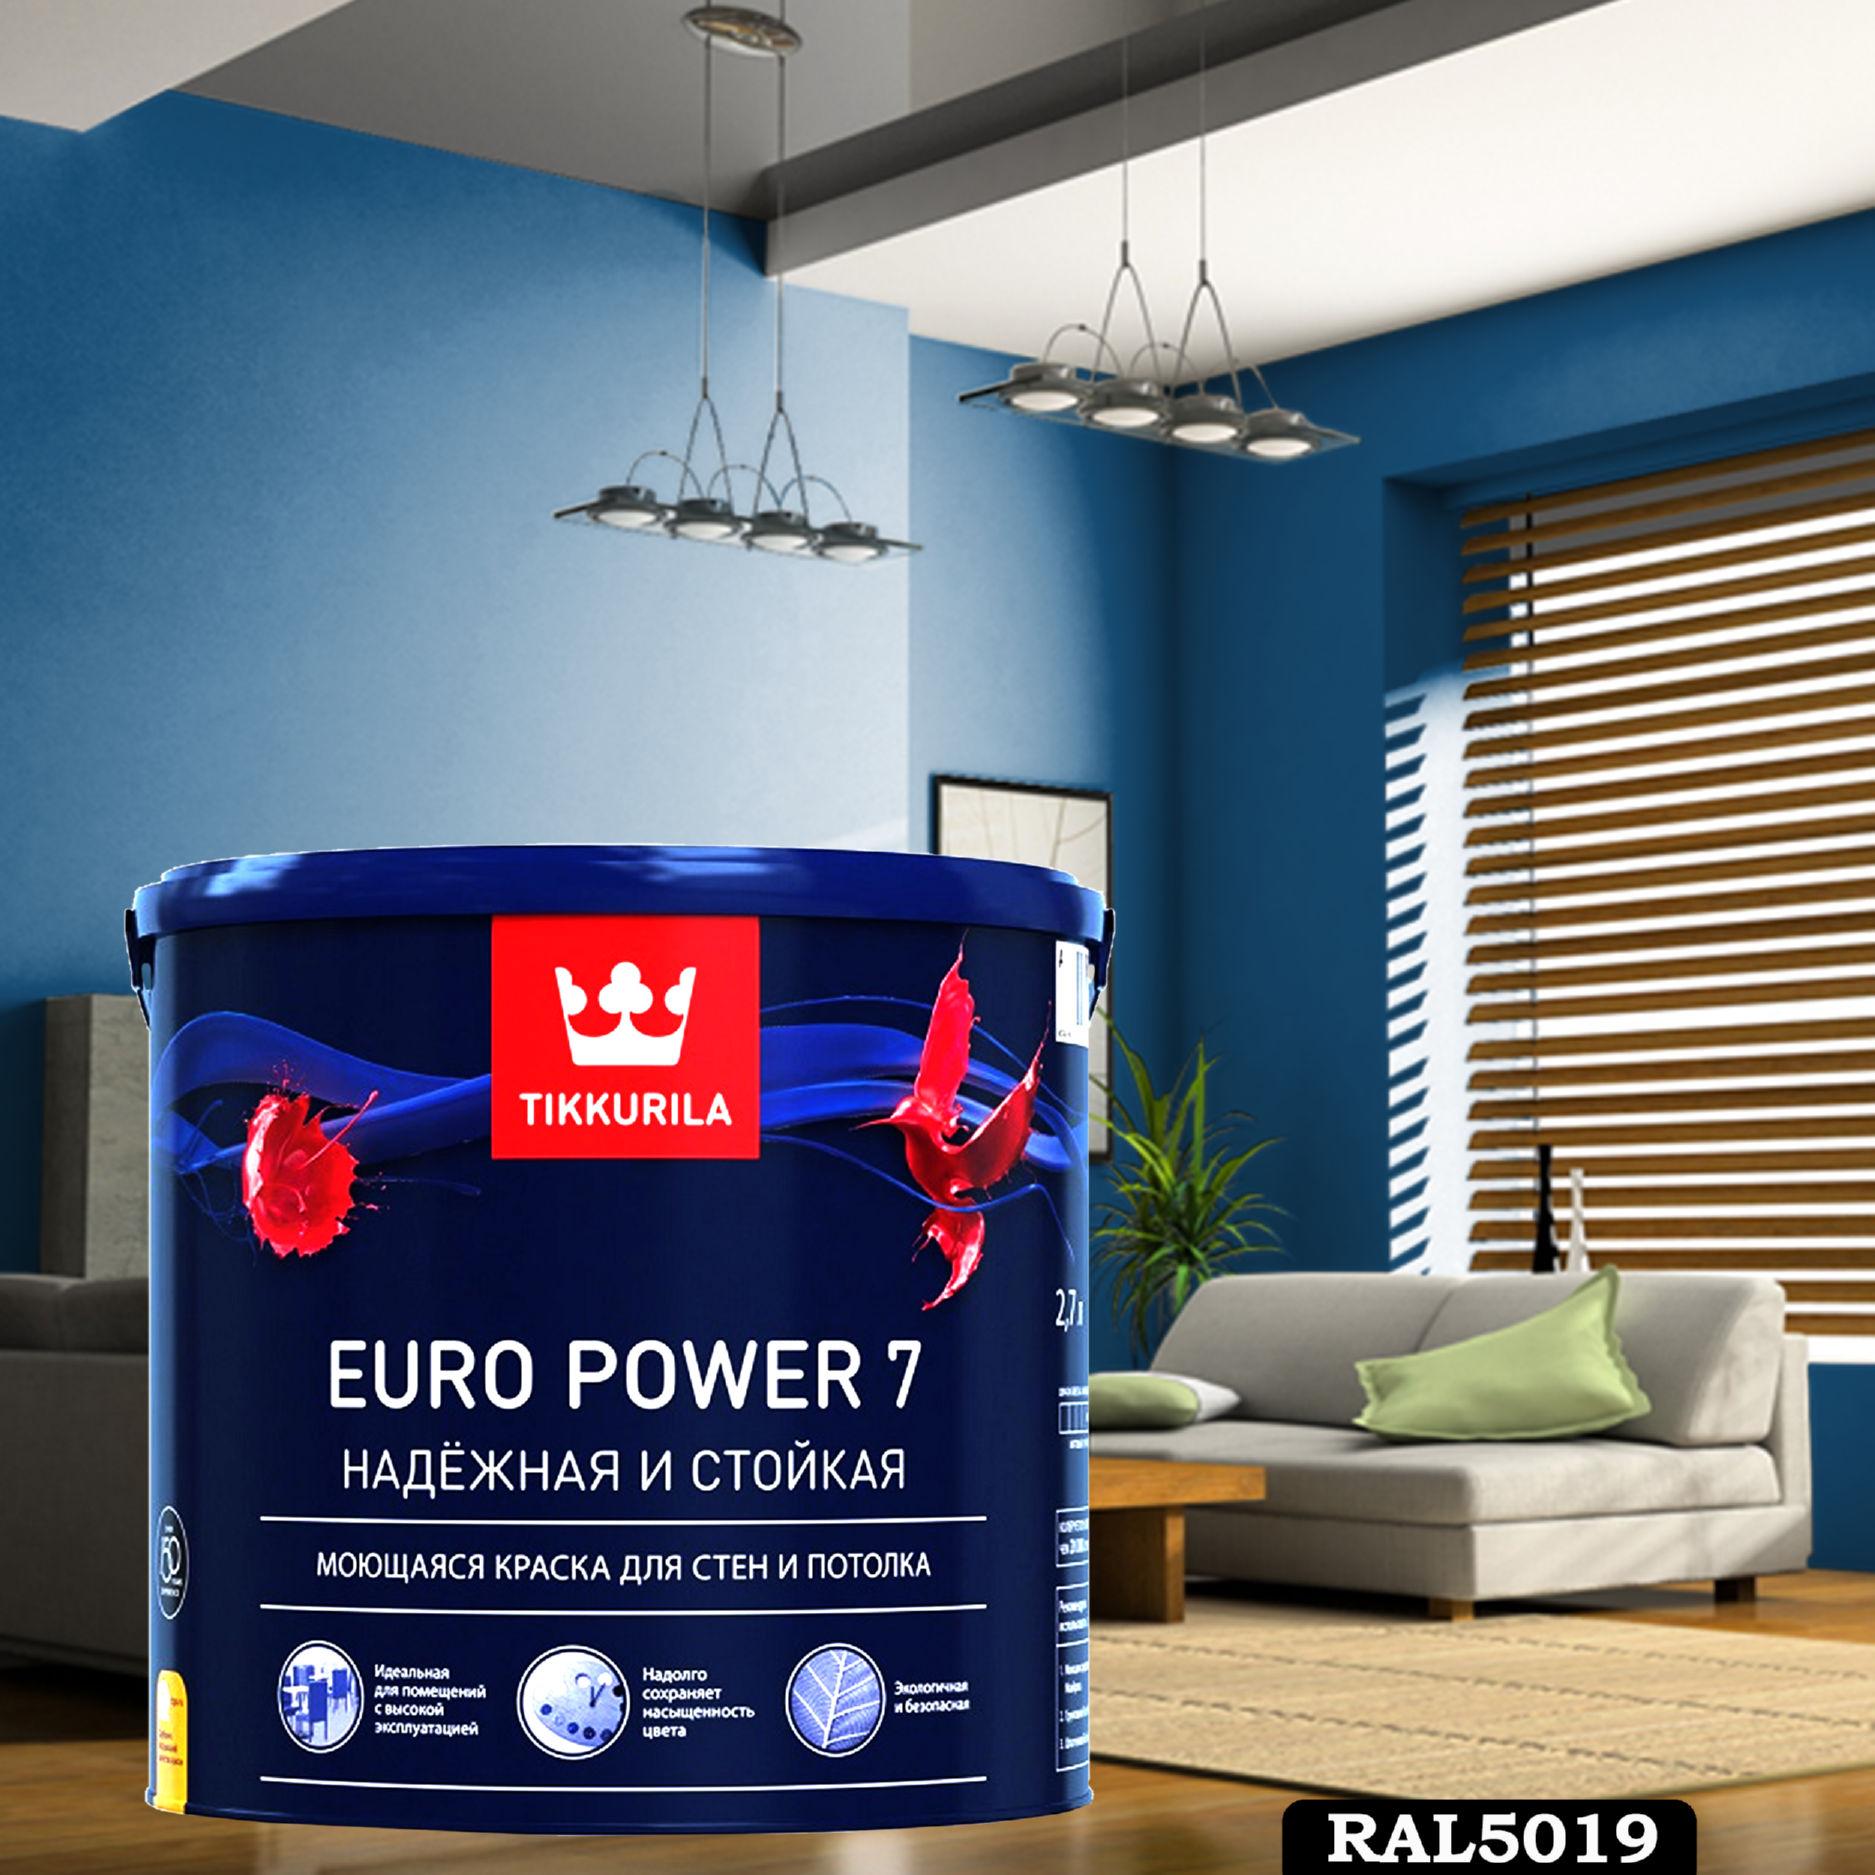 Фото 18 - Краска TIKKURILA Euro Power 7,  RAL 5019 Синий, латексная моющаяся матовая интерьерная, 9 л.